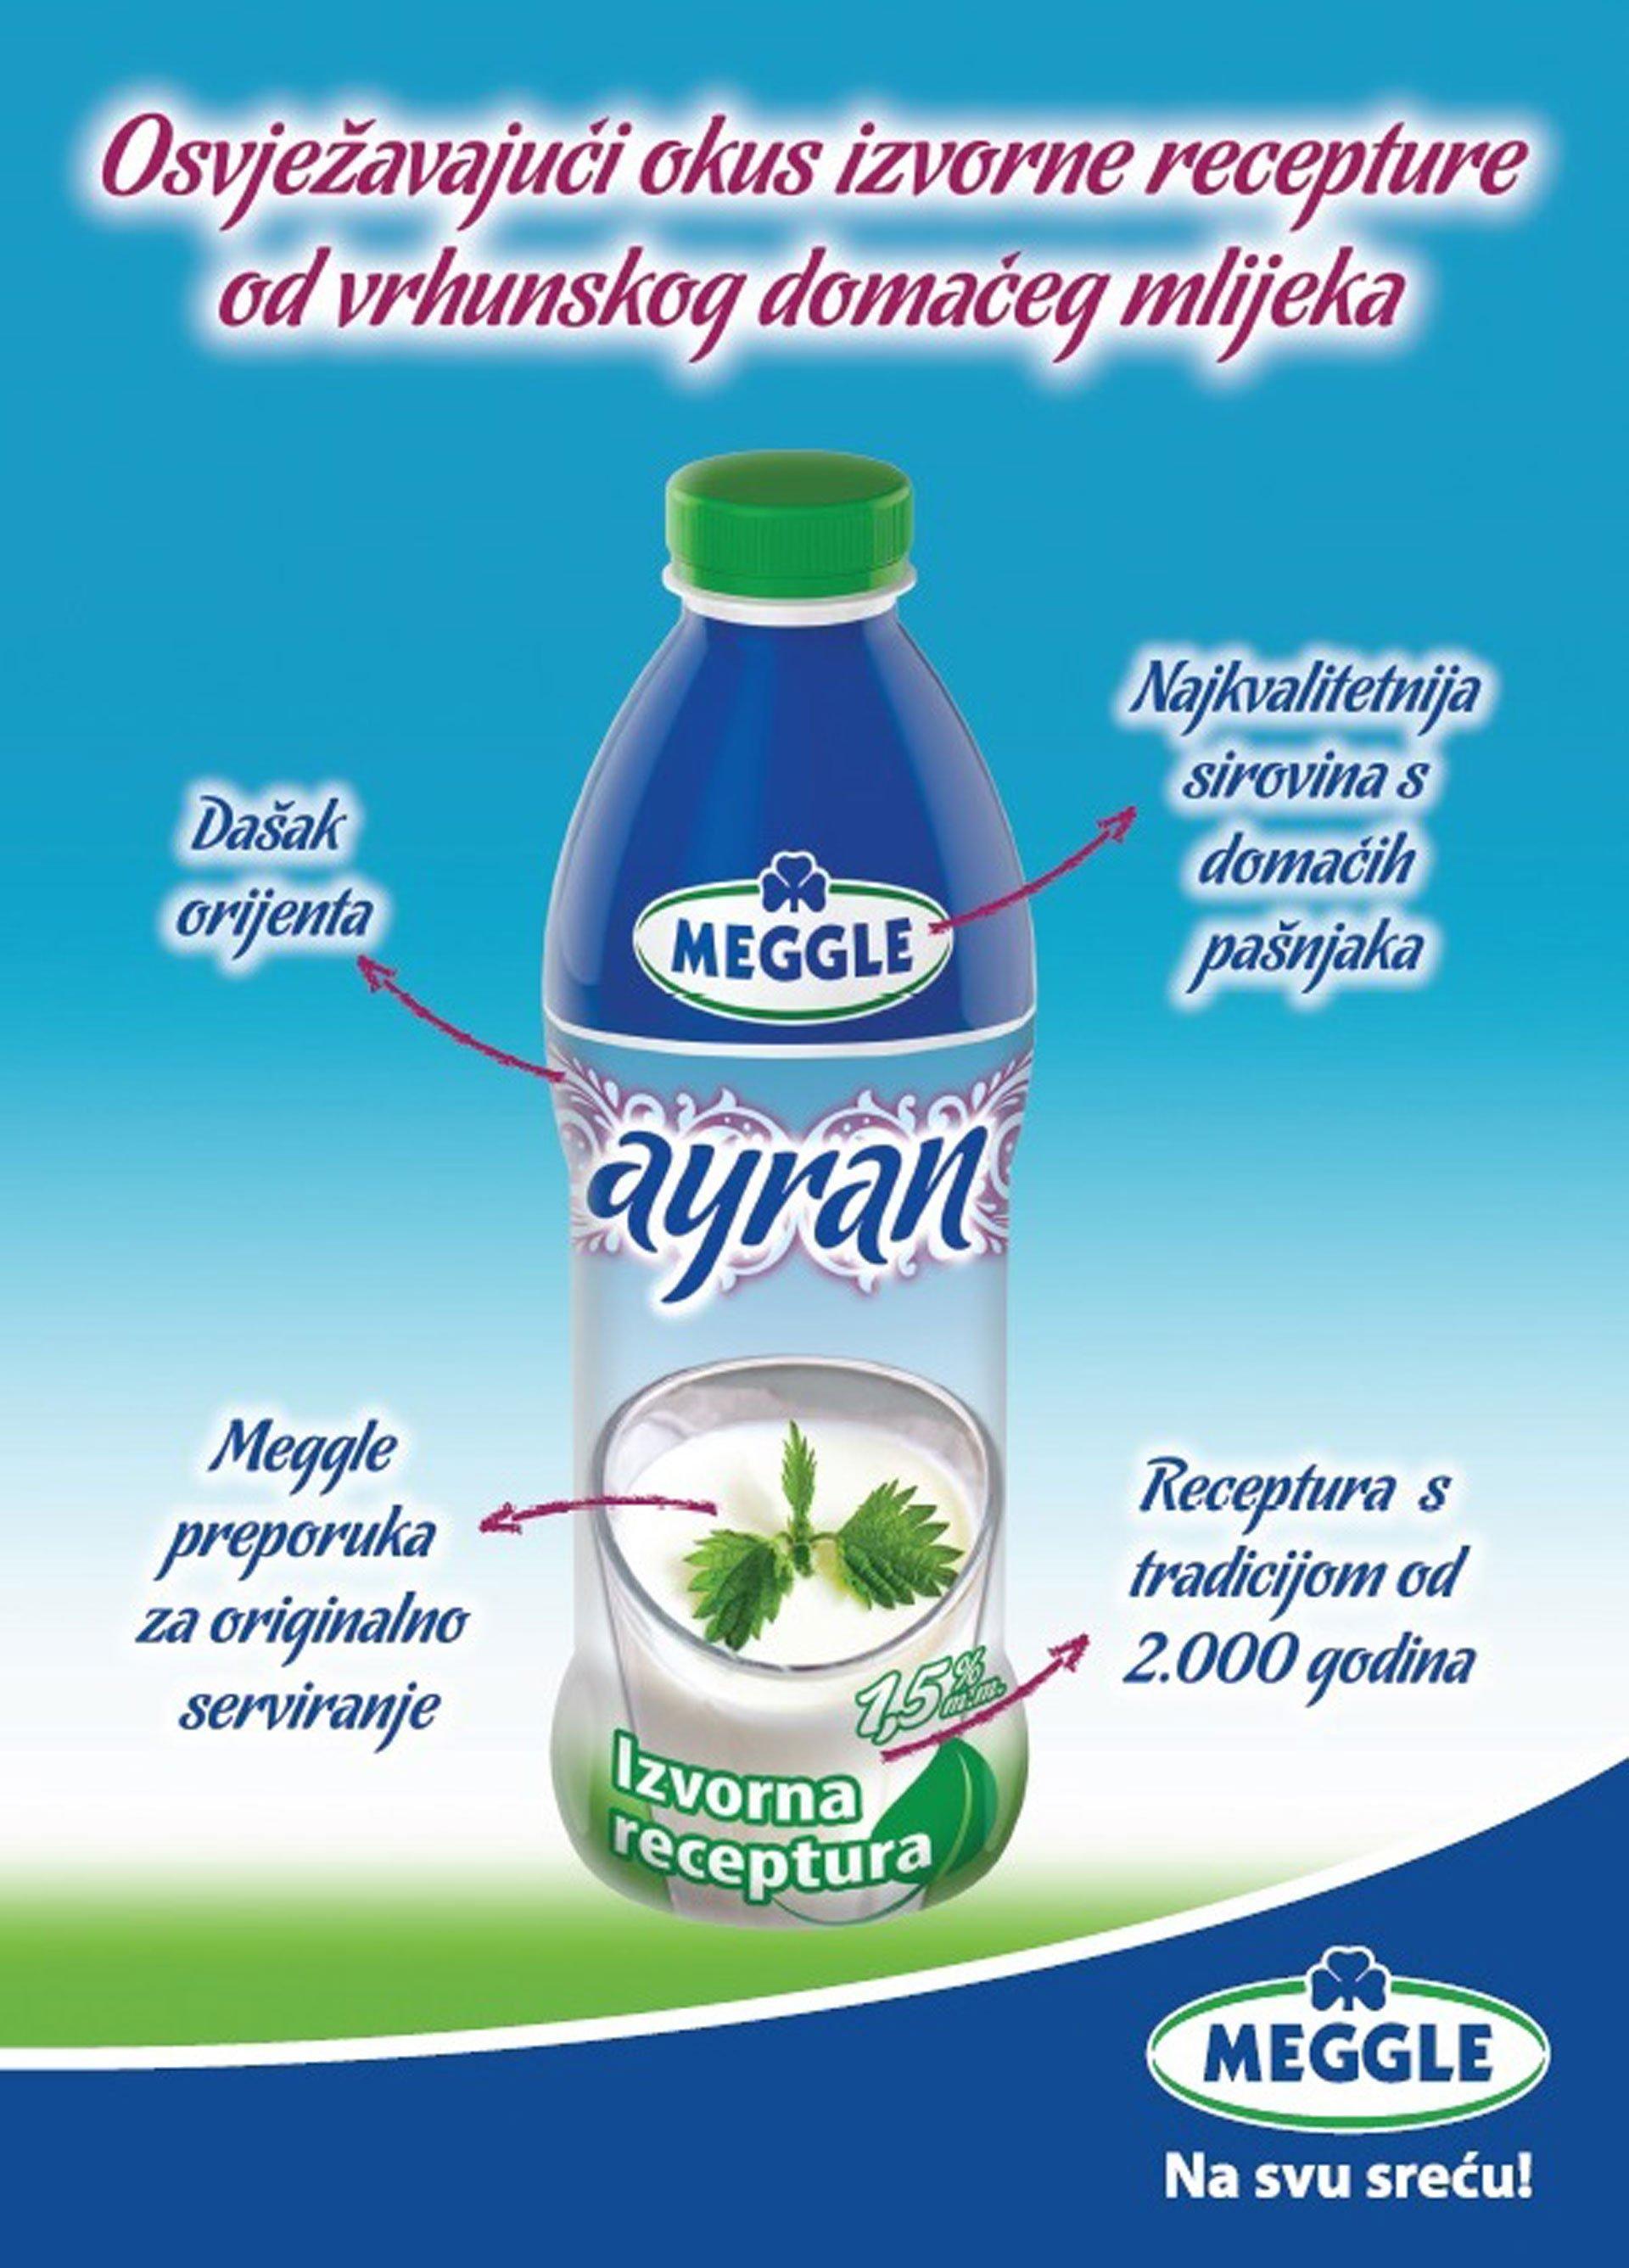 novi-proizvod-mljekare-meggle-ayran-domace-kvalitete-i-izvorne-recepture_1457610813